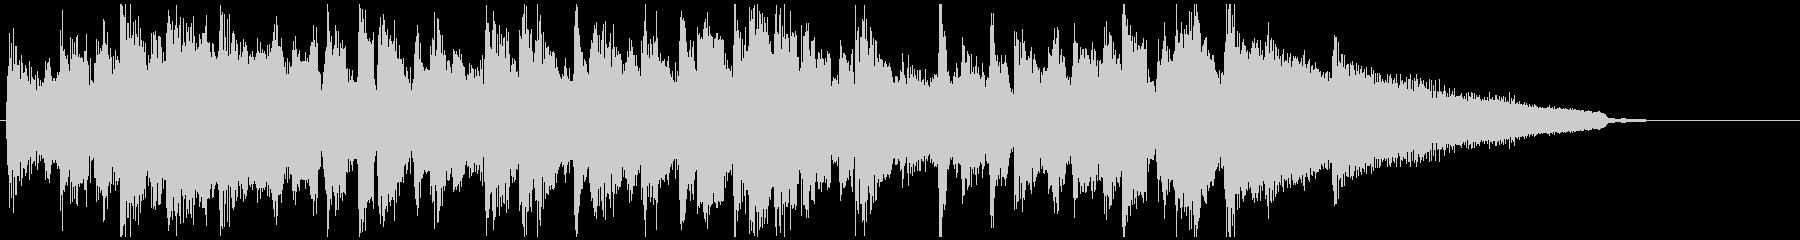 さっぱり&少し哀愁系◆CM系15秒ジャズの未再生の波形